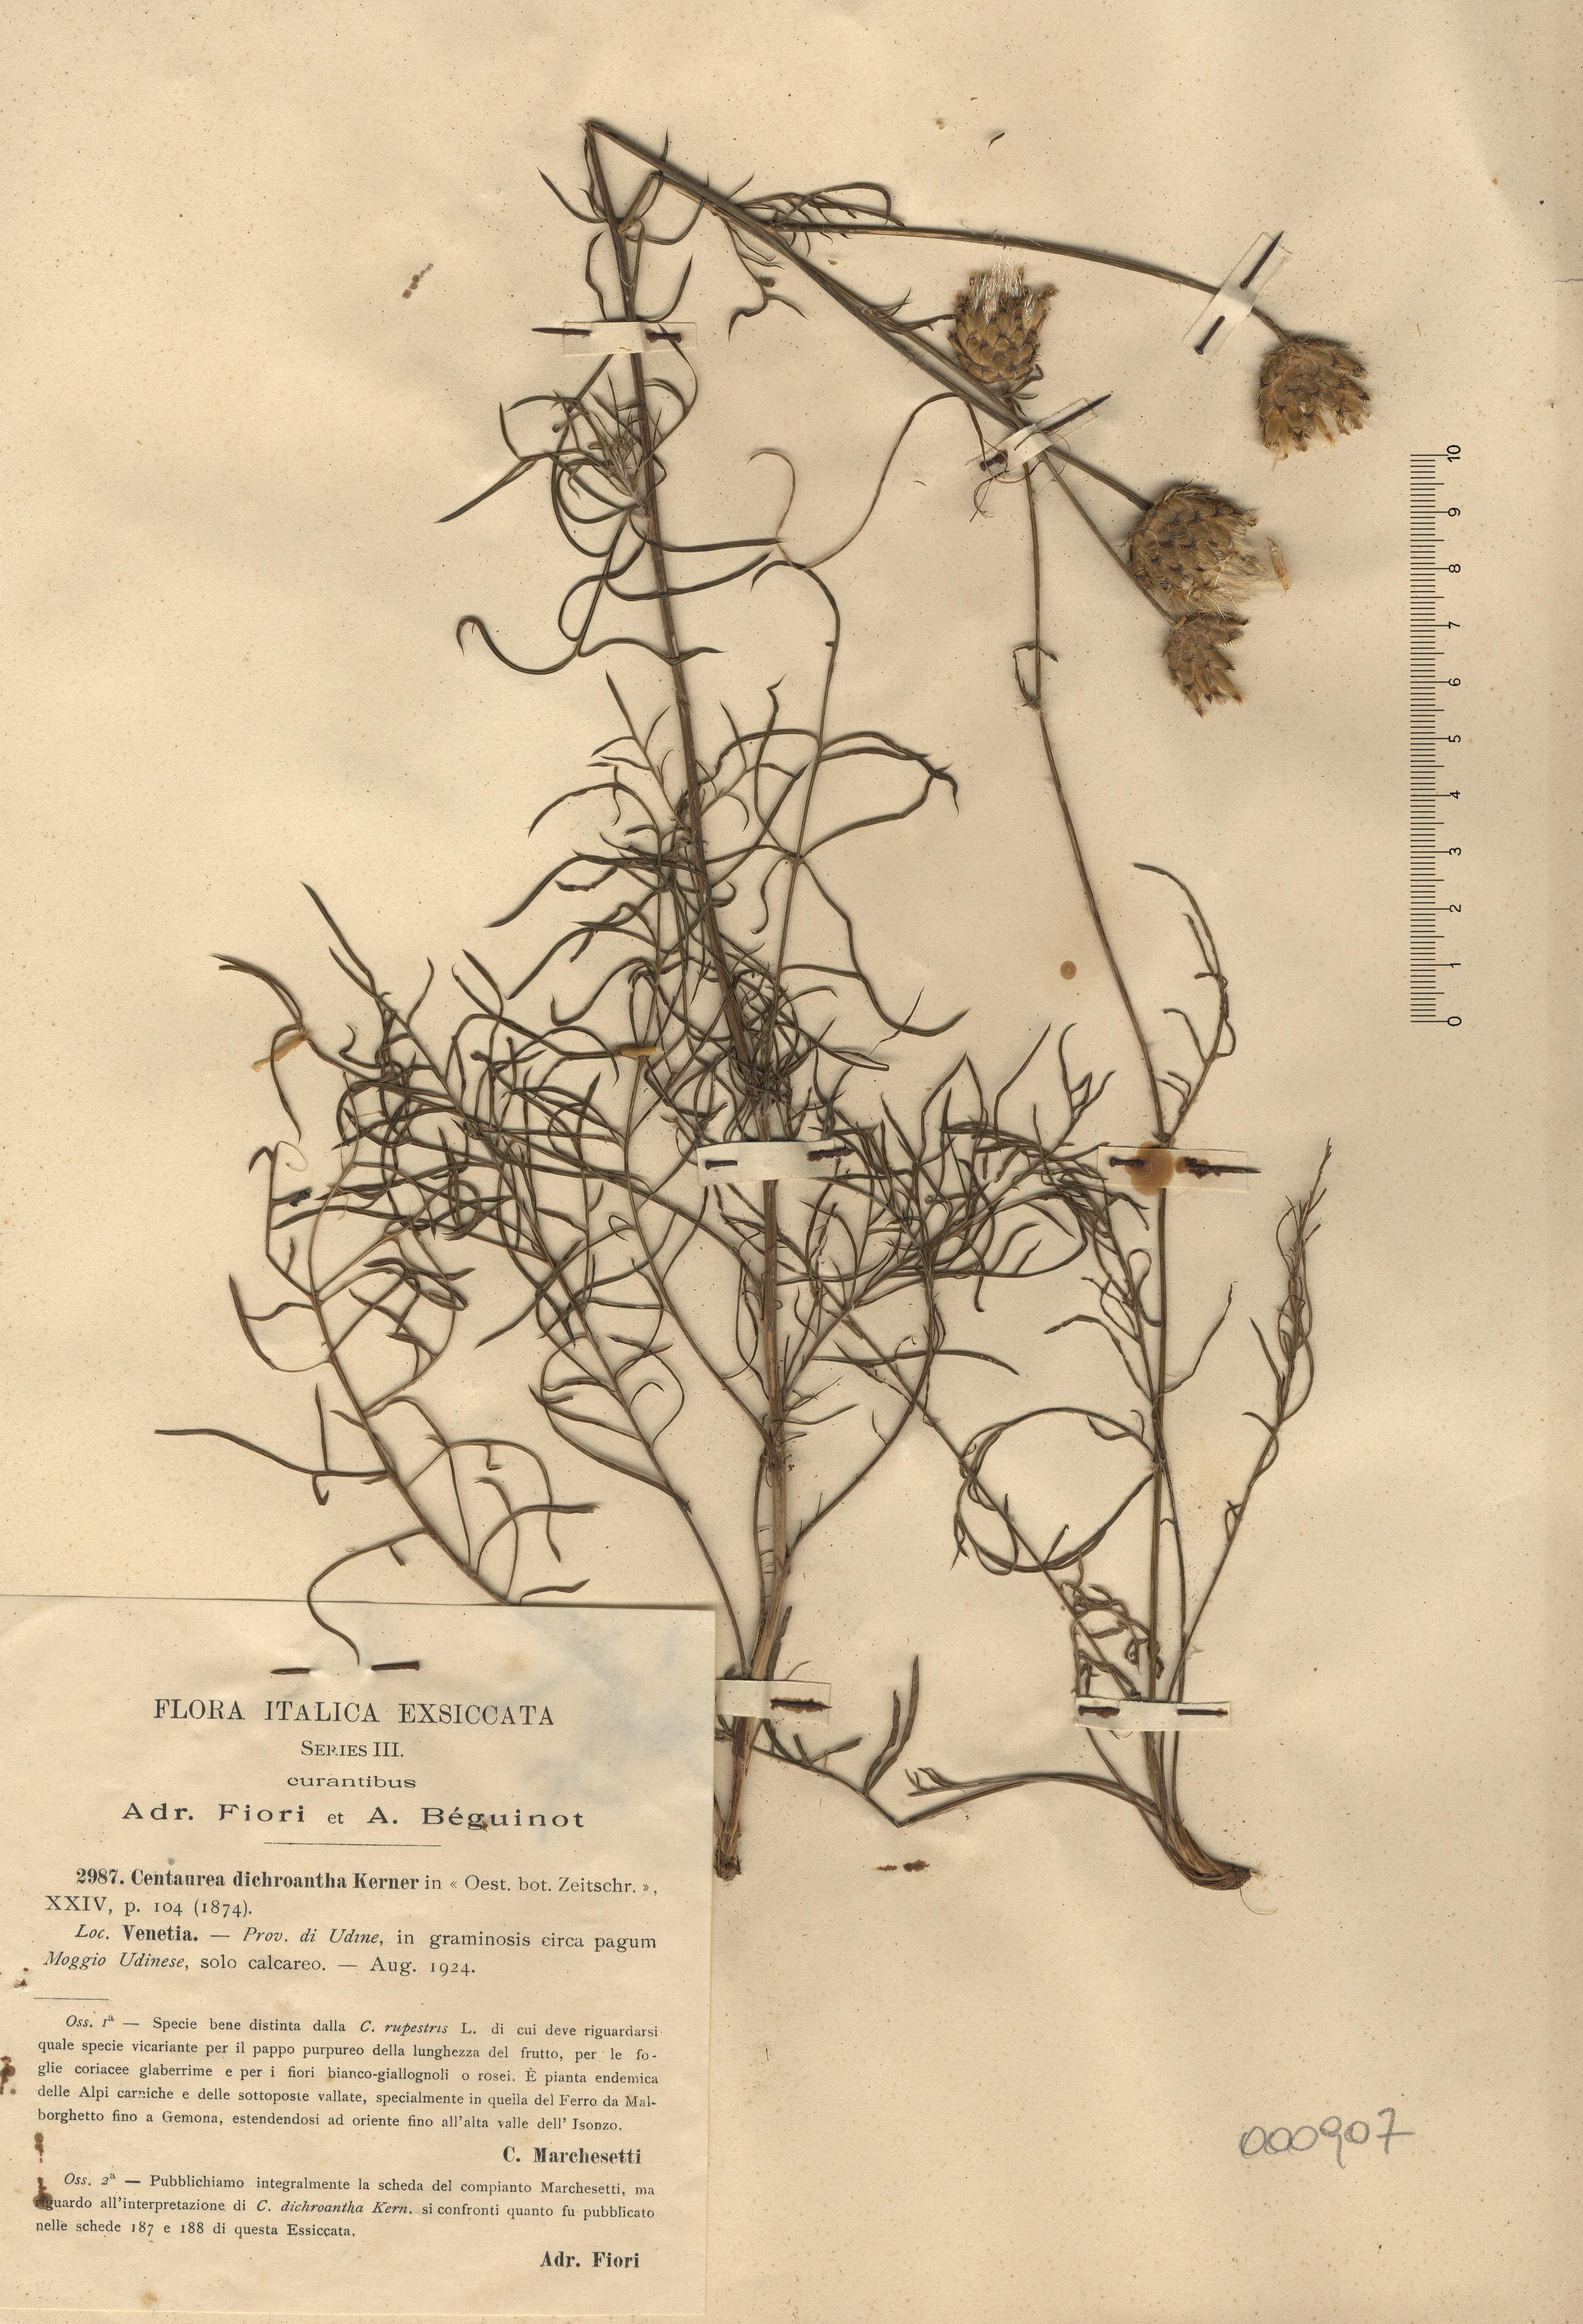 © Hortus Botanicus Catinensis - Herb. sheet 000907<br>